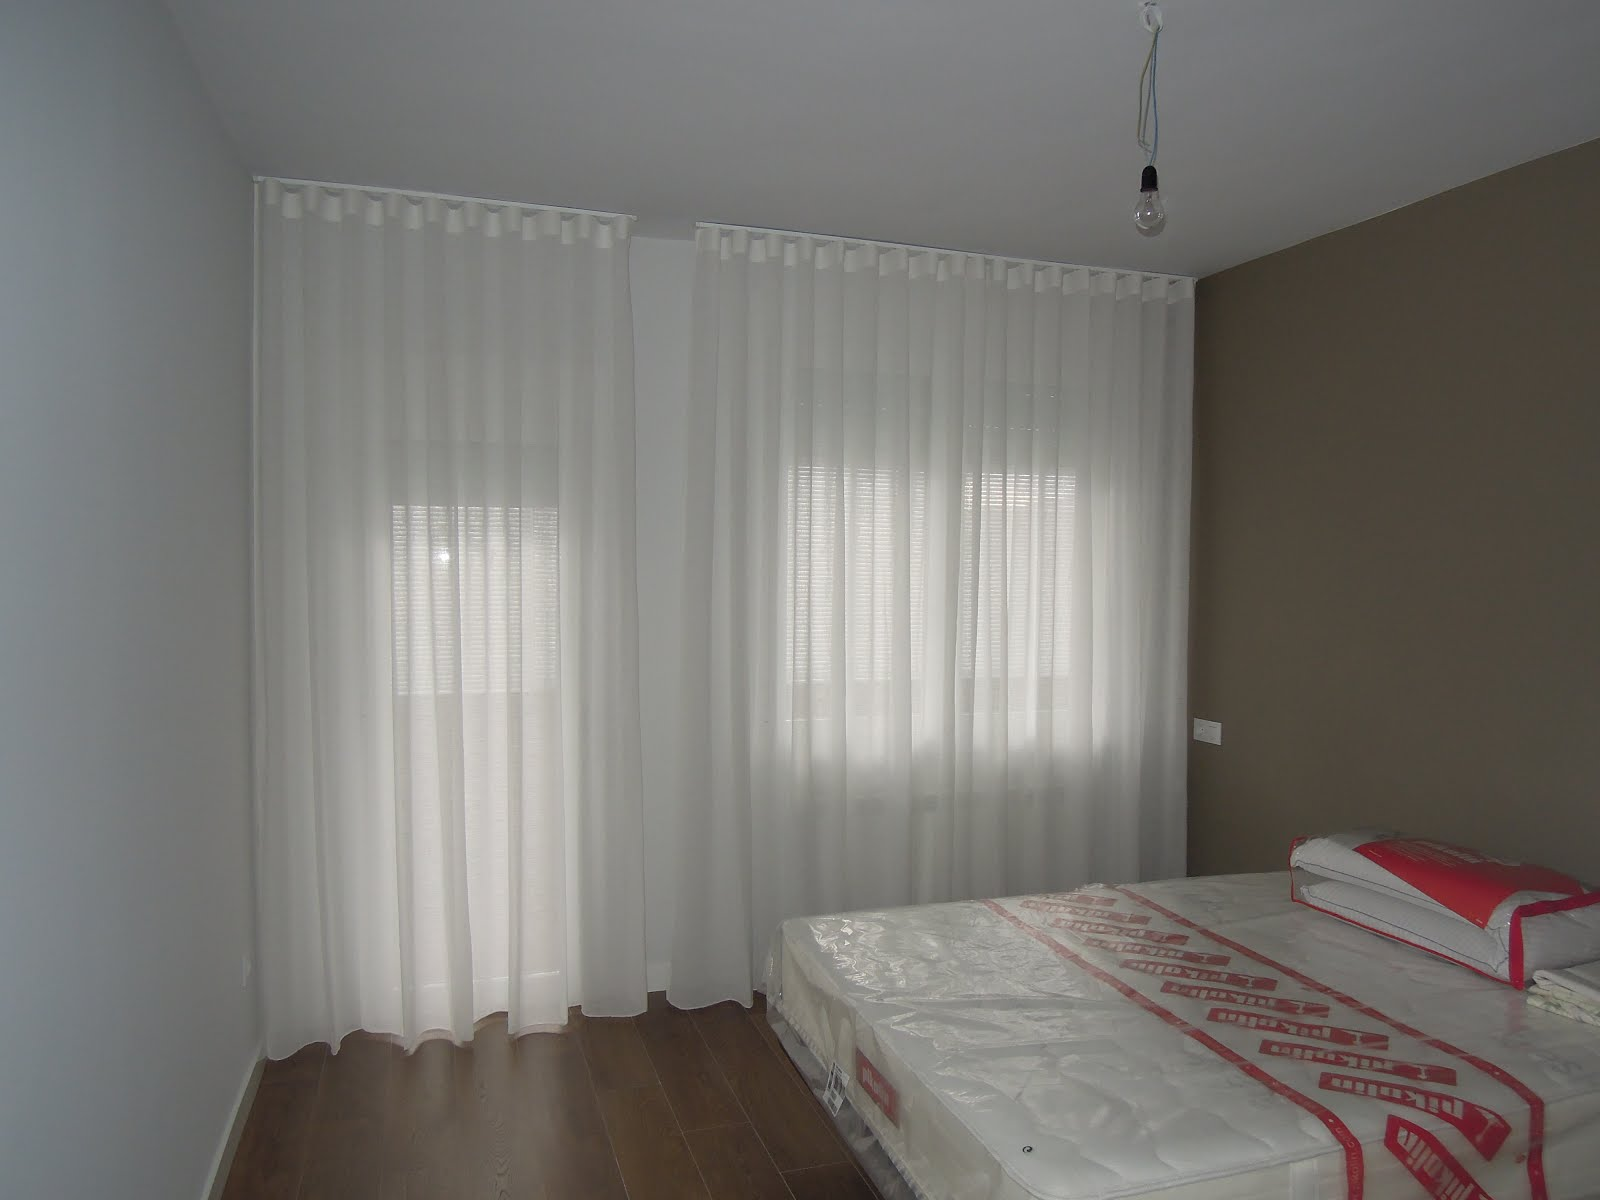 Fotos de cortinas como elegir unas cortinas aqu os - Que cortinas se llevan ...